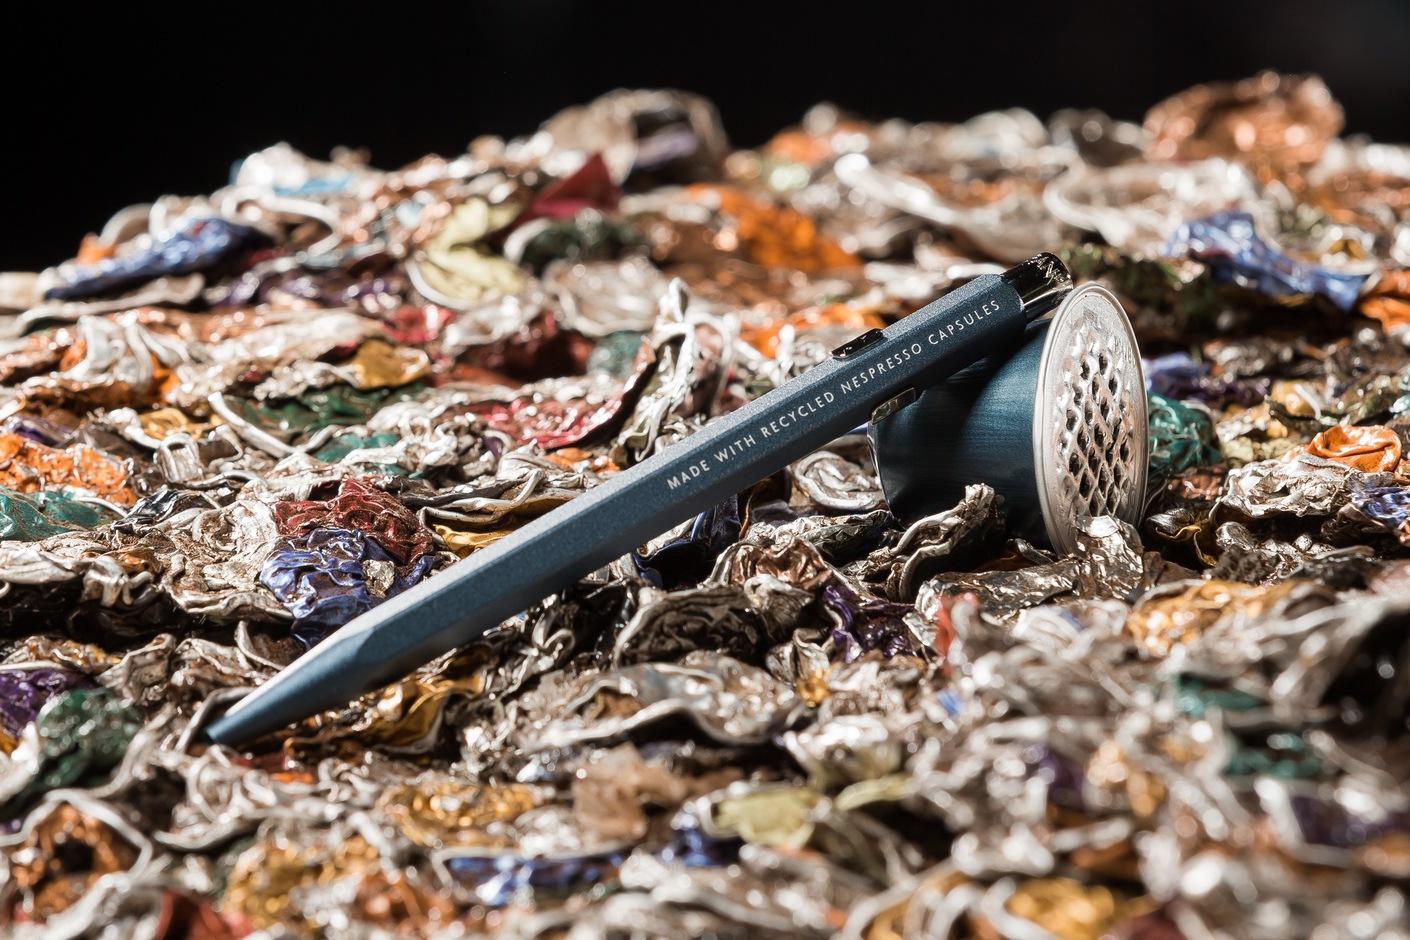 Un stylo de la marque carandache fabrique avec des capsules de cafe Nespresso recyclees ce mercredi 14 mars 2018 a Moudon en suisse. (©Zingaro Photography)